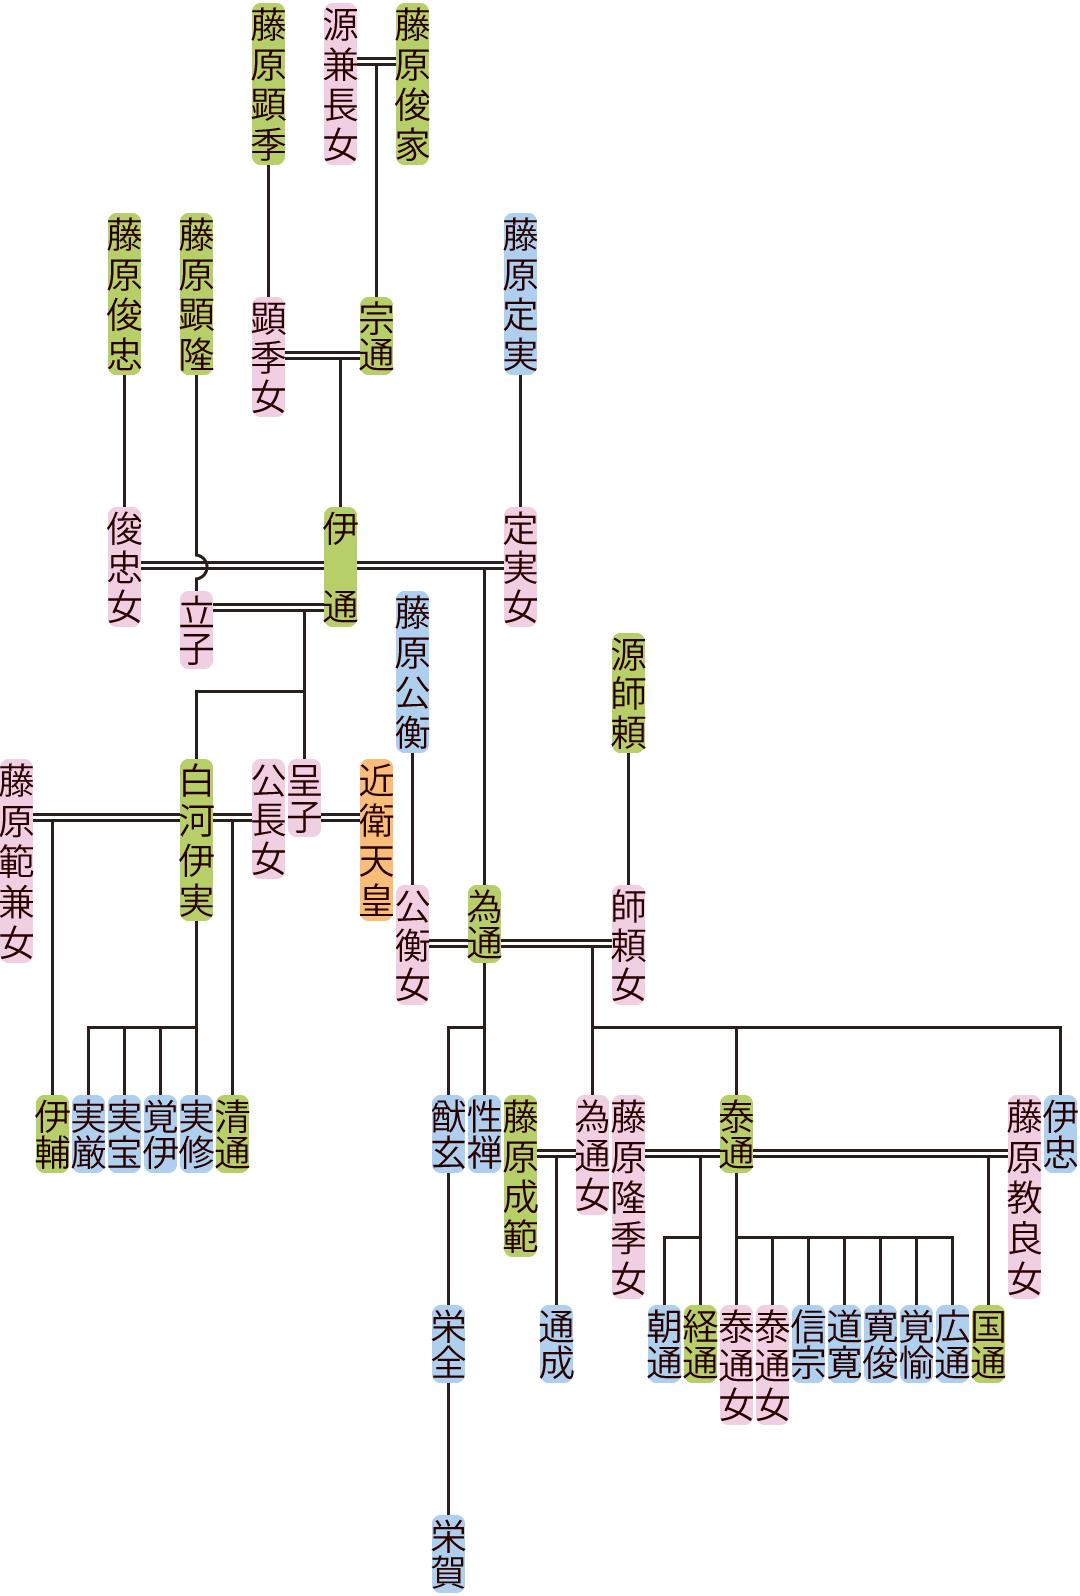 藤原伊通の系図